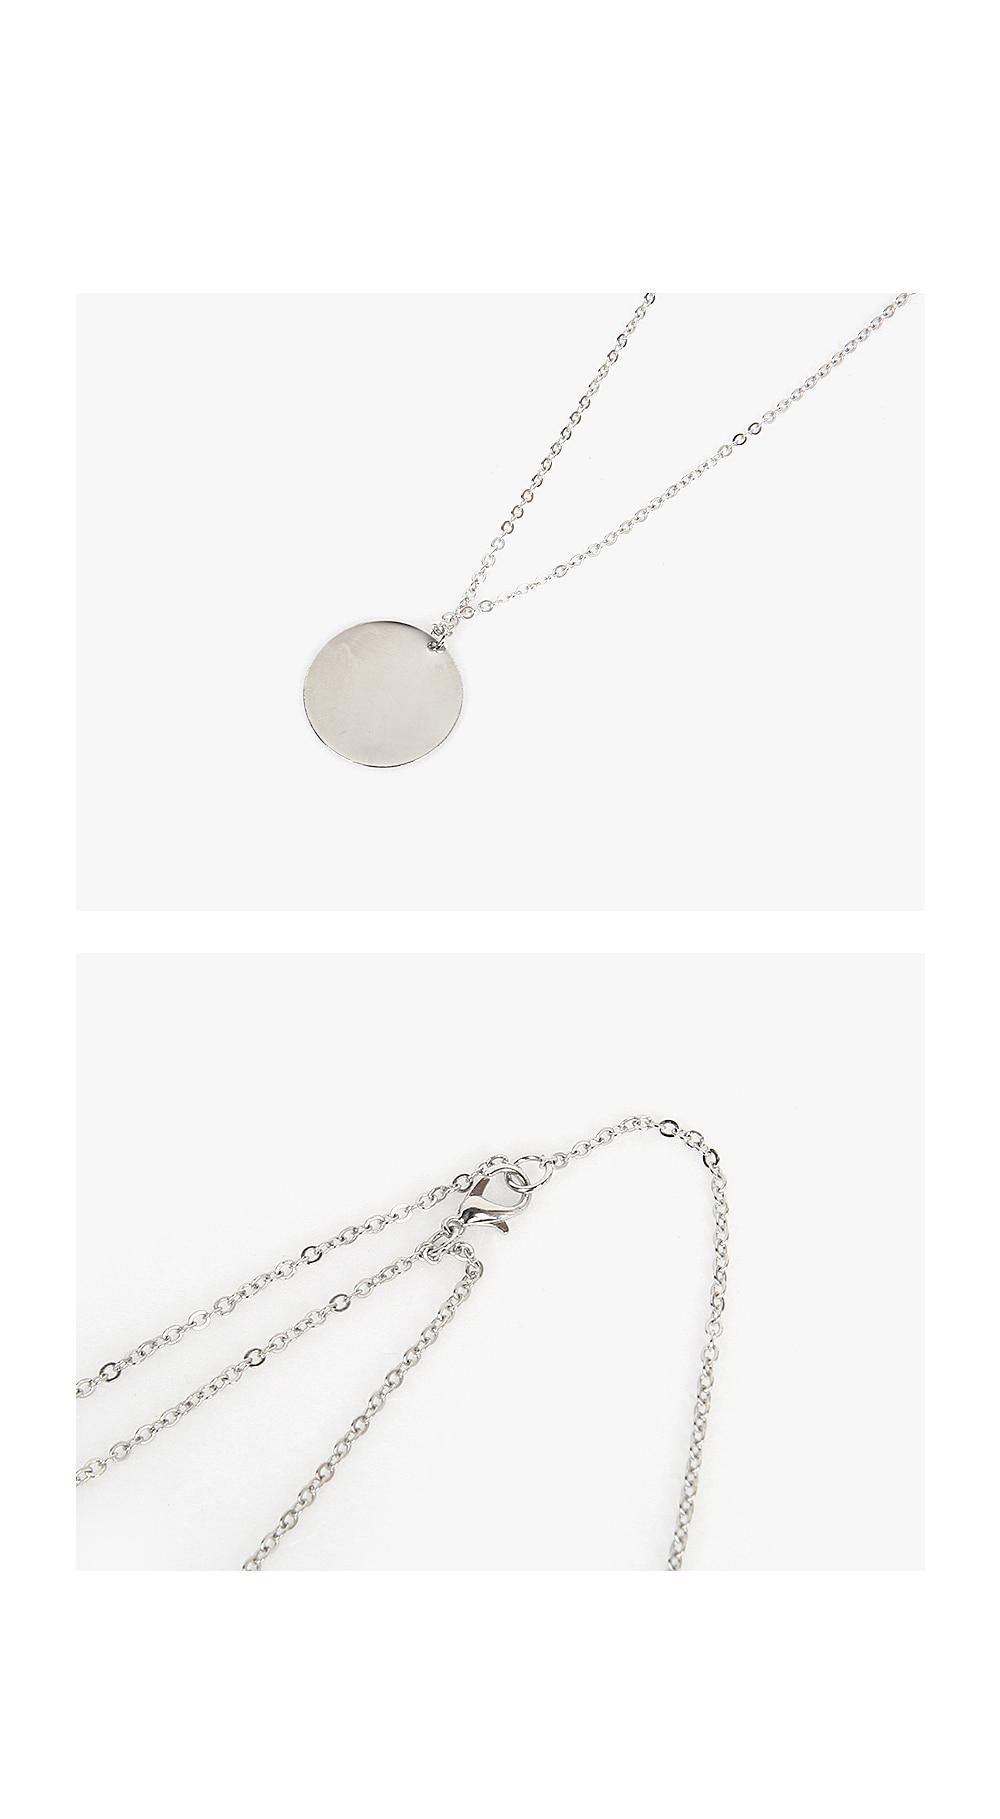 bulky pendant necklace